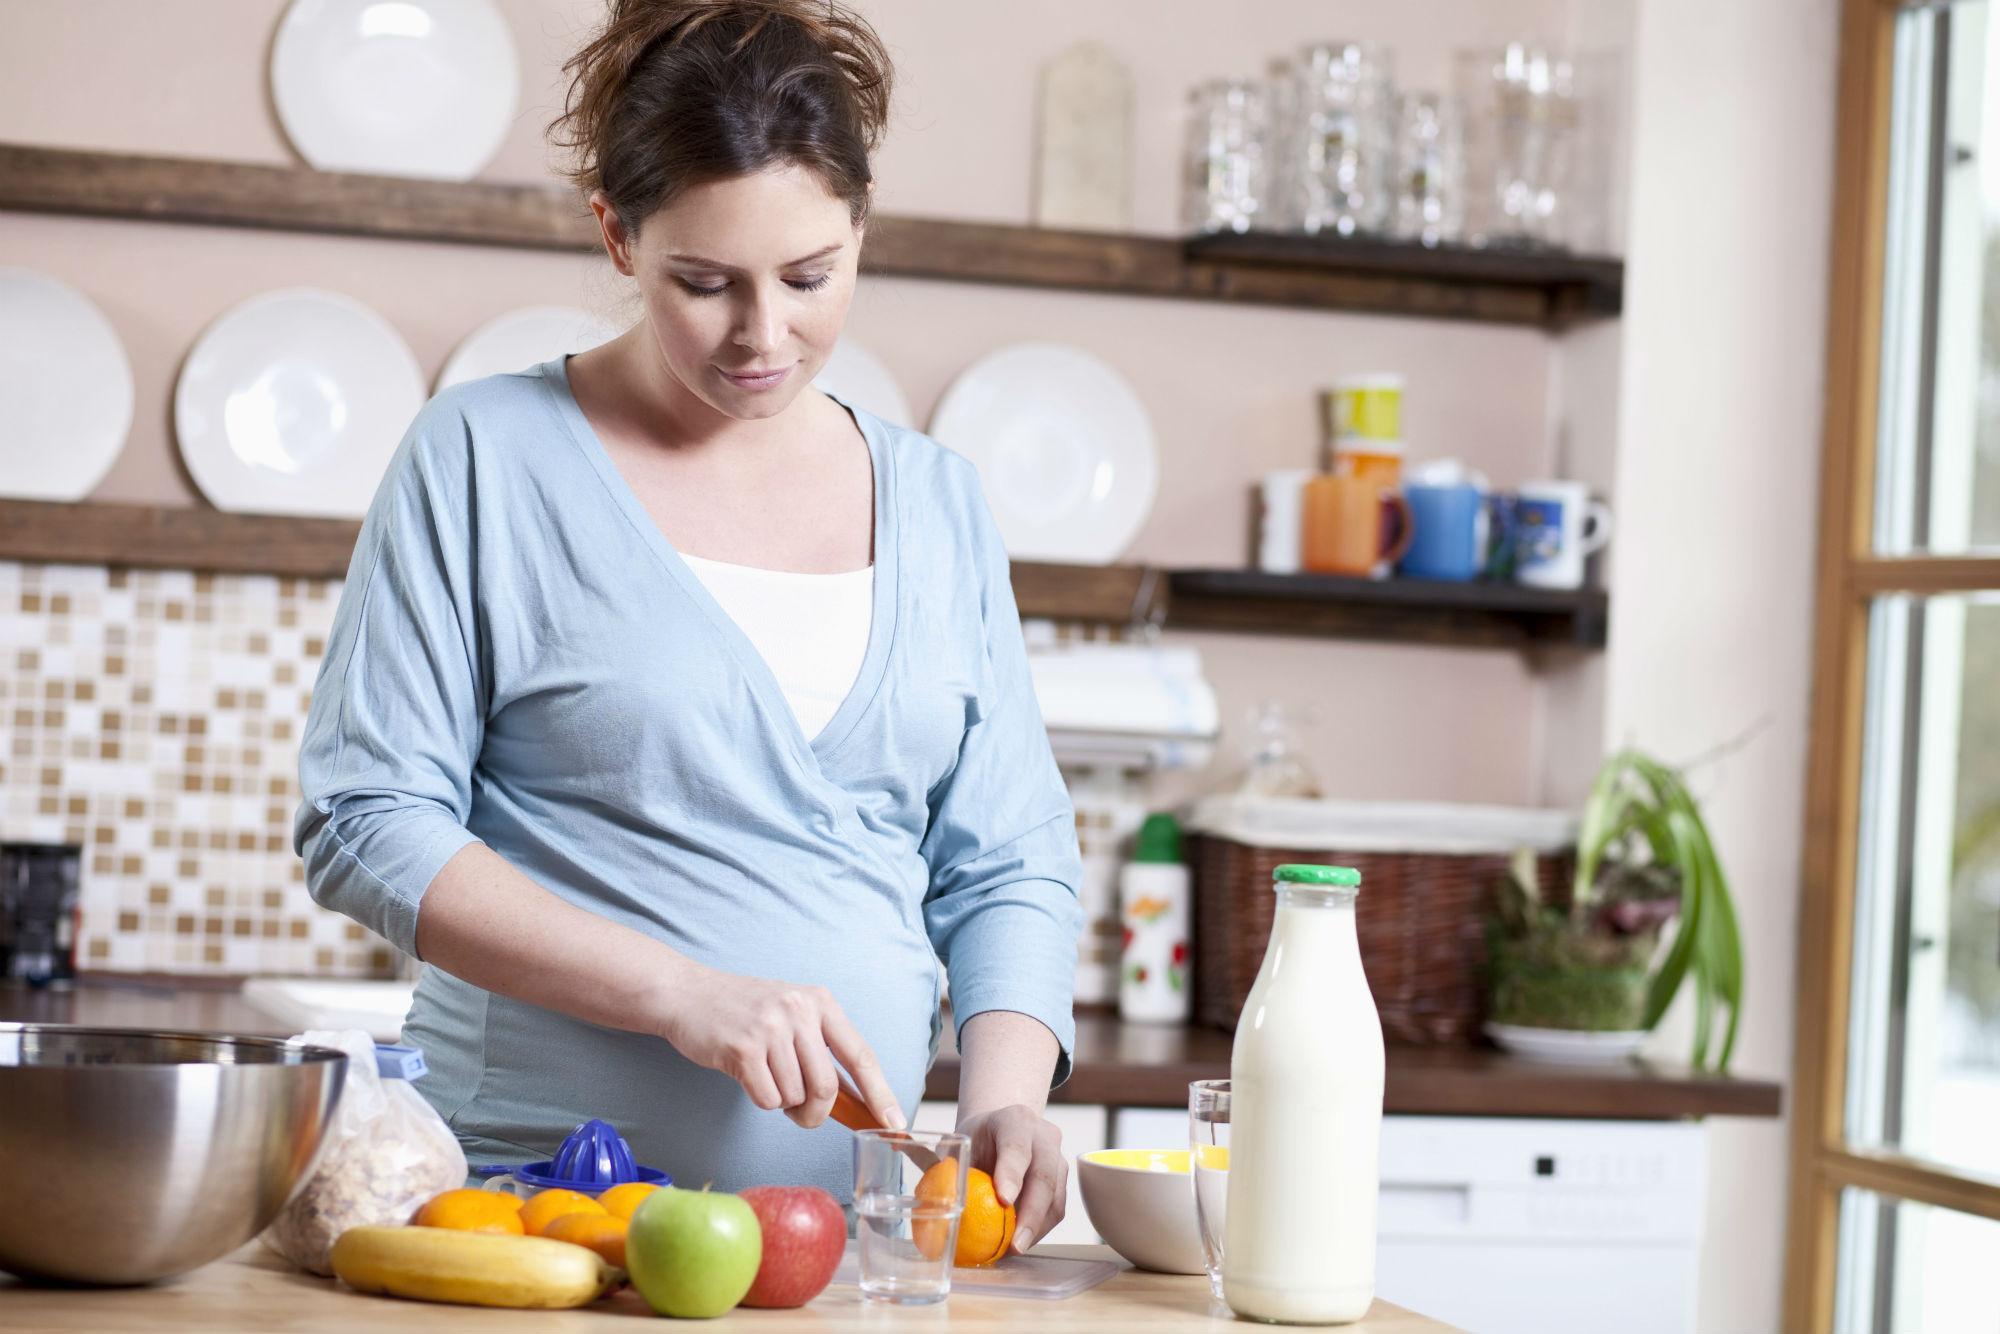 Витамин В3 поможет предотвратить появление врождённых дефектов у детей